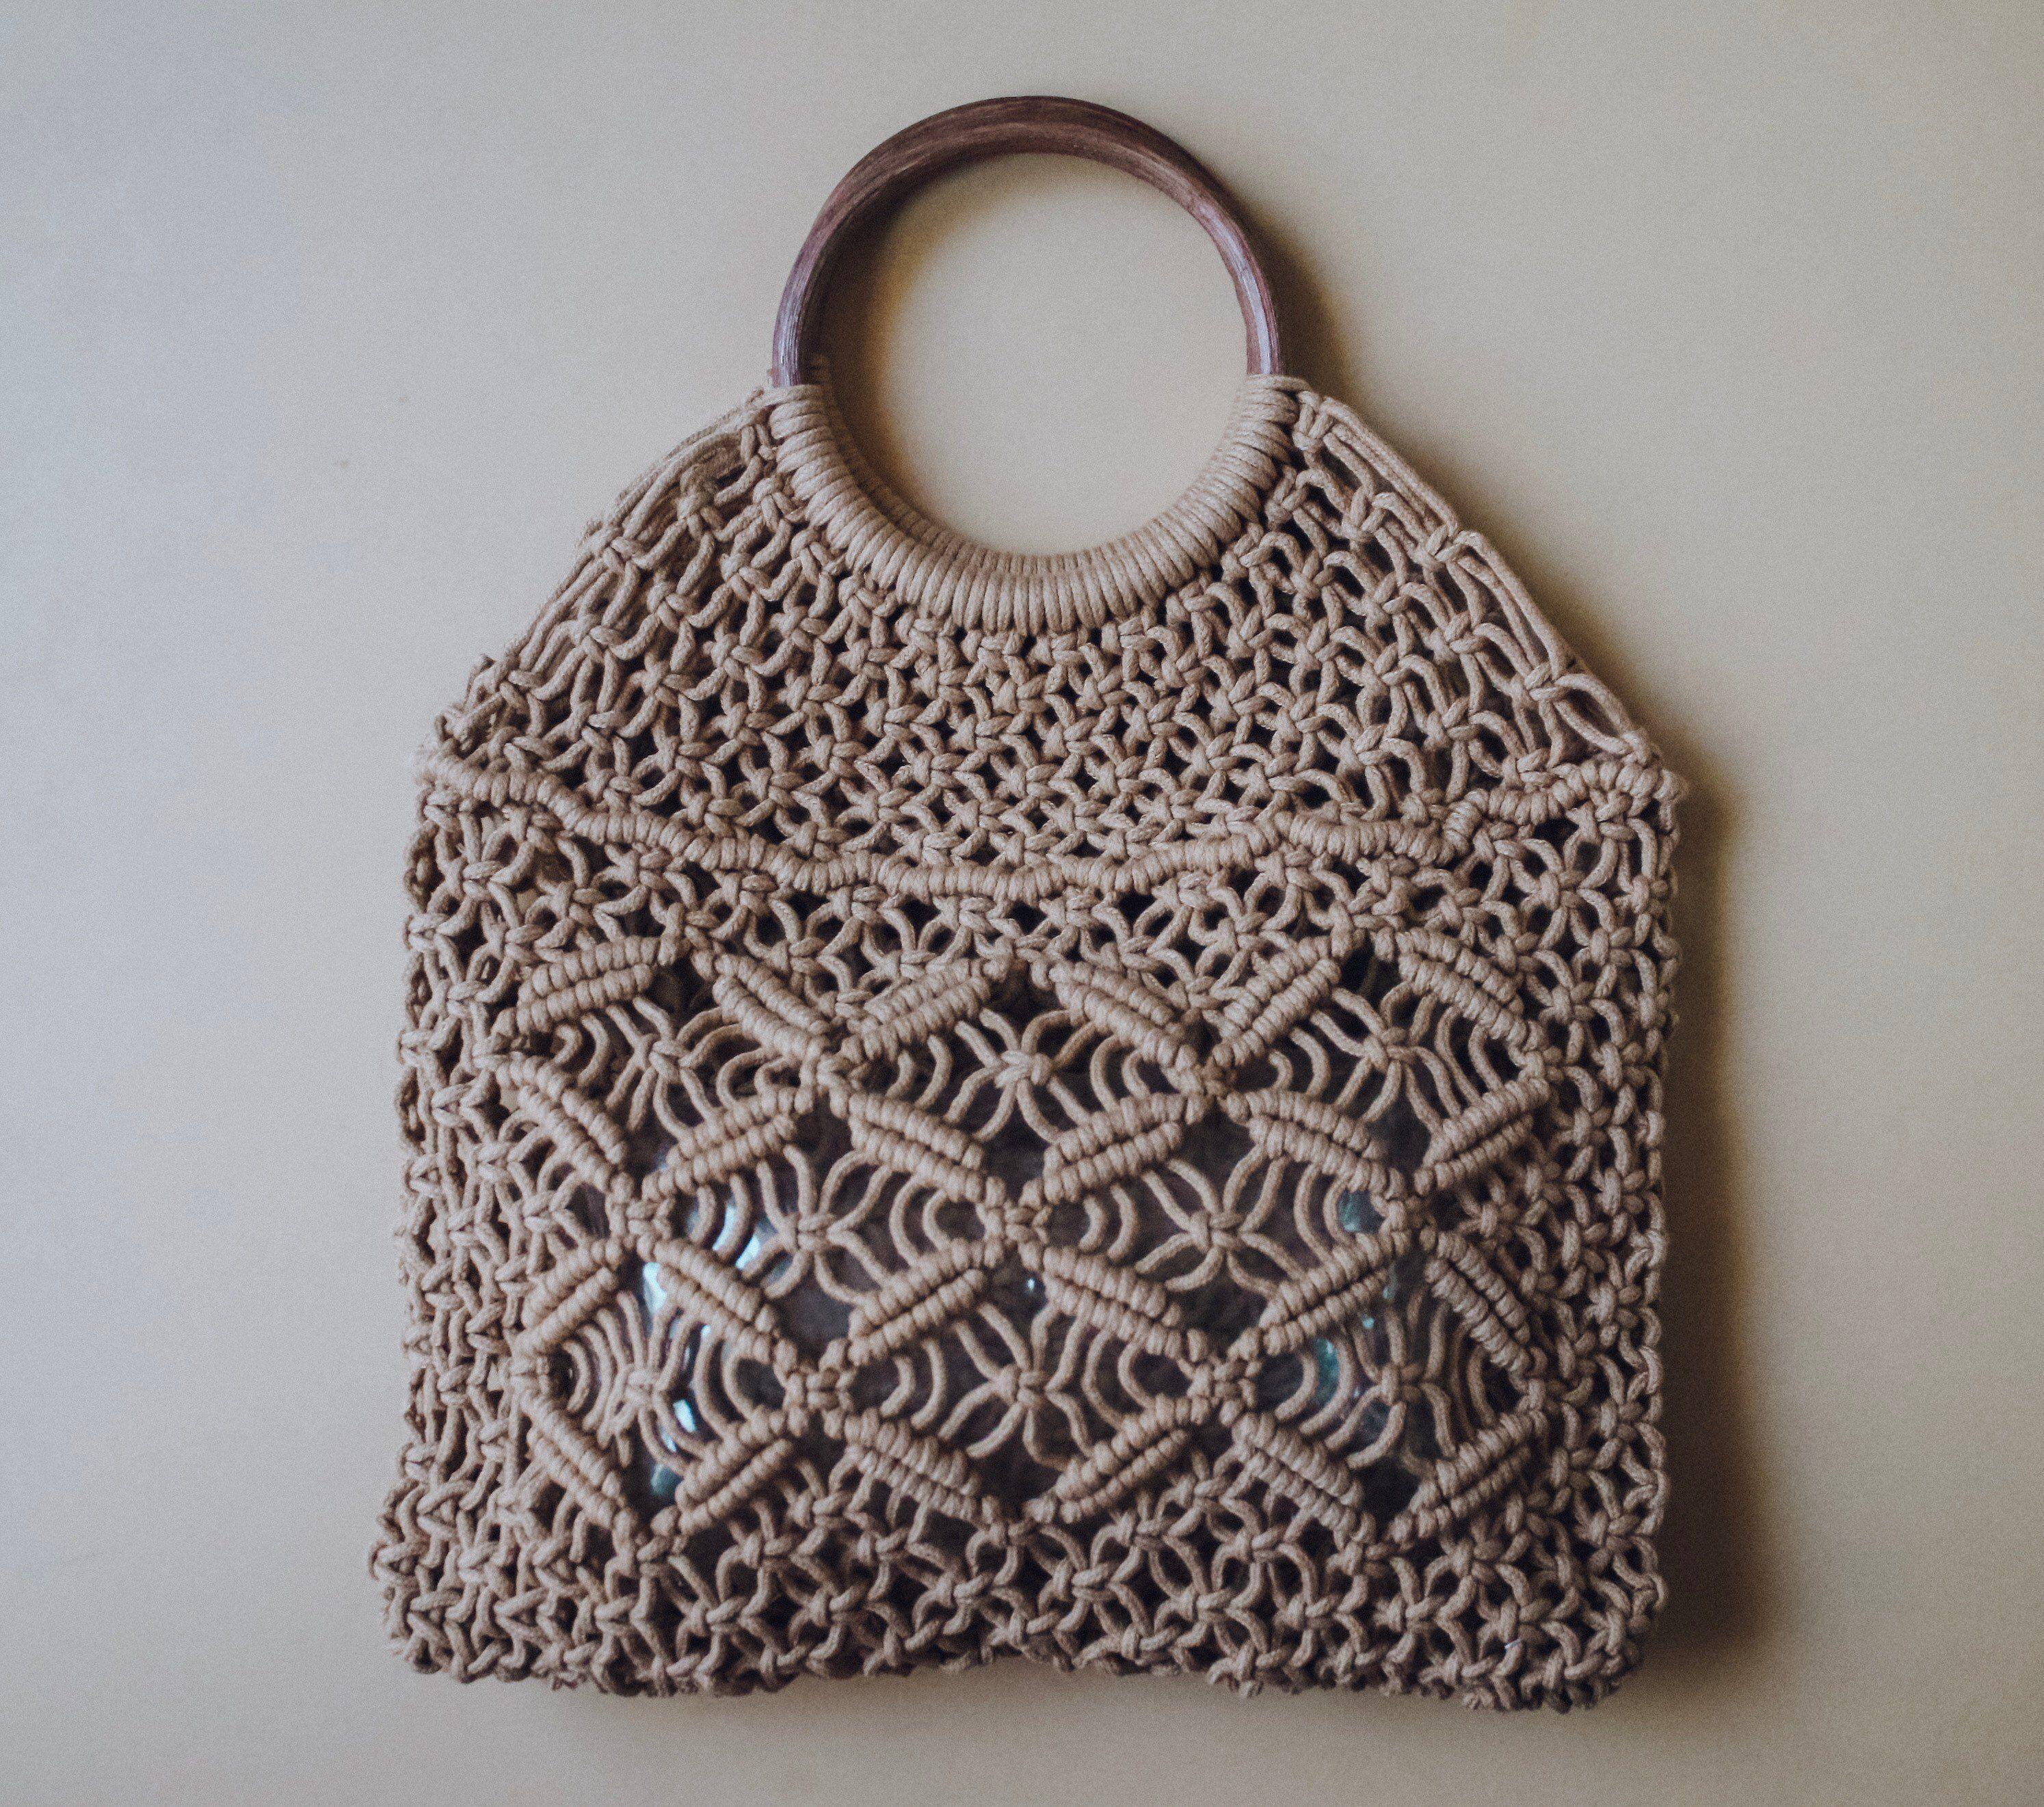 Macrame Bag Tote Handbag Crochet Purse Wood Handle Vintage Style Macrame Handbag In Tan Usa Shipping Crochet Bag Macrame Bag Crochet Bags Purses